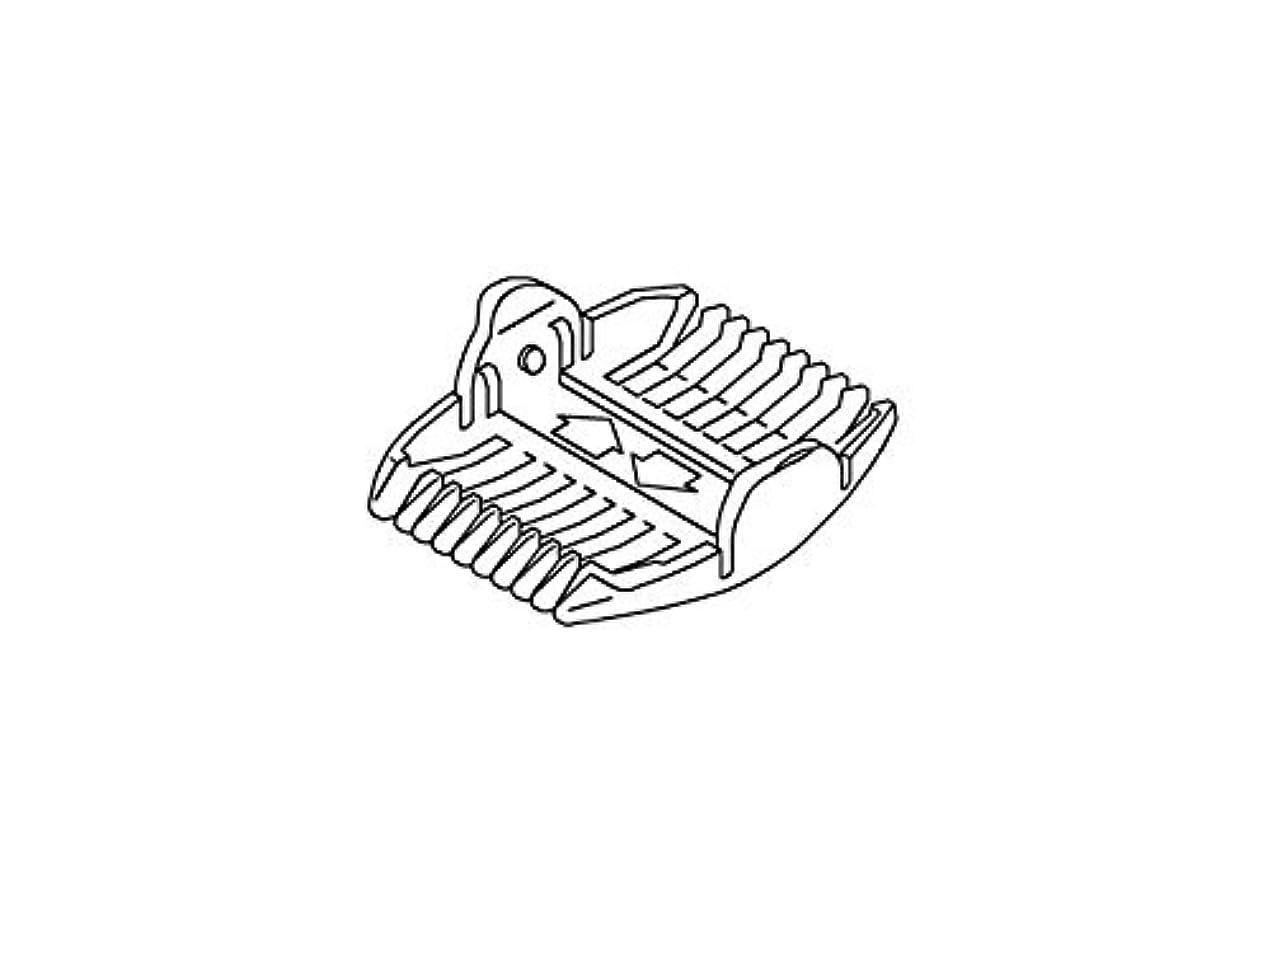 どういたしましてぐるぐるフレキシブルPanasonic 刈り高さアタッチメント(3/6mm) ERGF80W7397